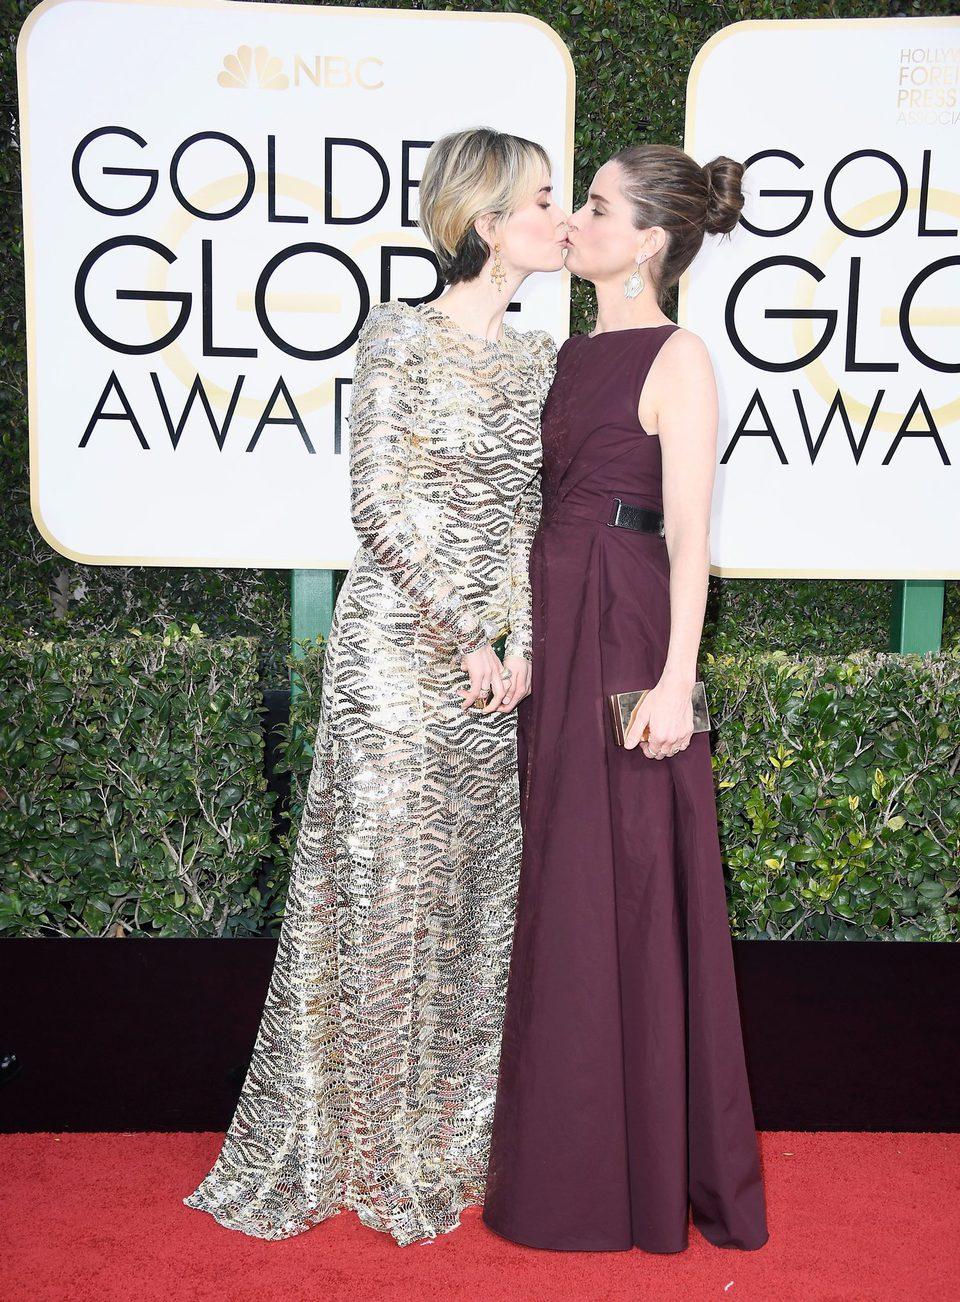 Sarah Paulson and Amanda Peet at Golden Globes 2017 red carpet